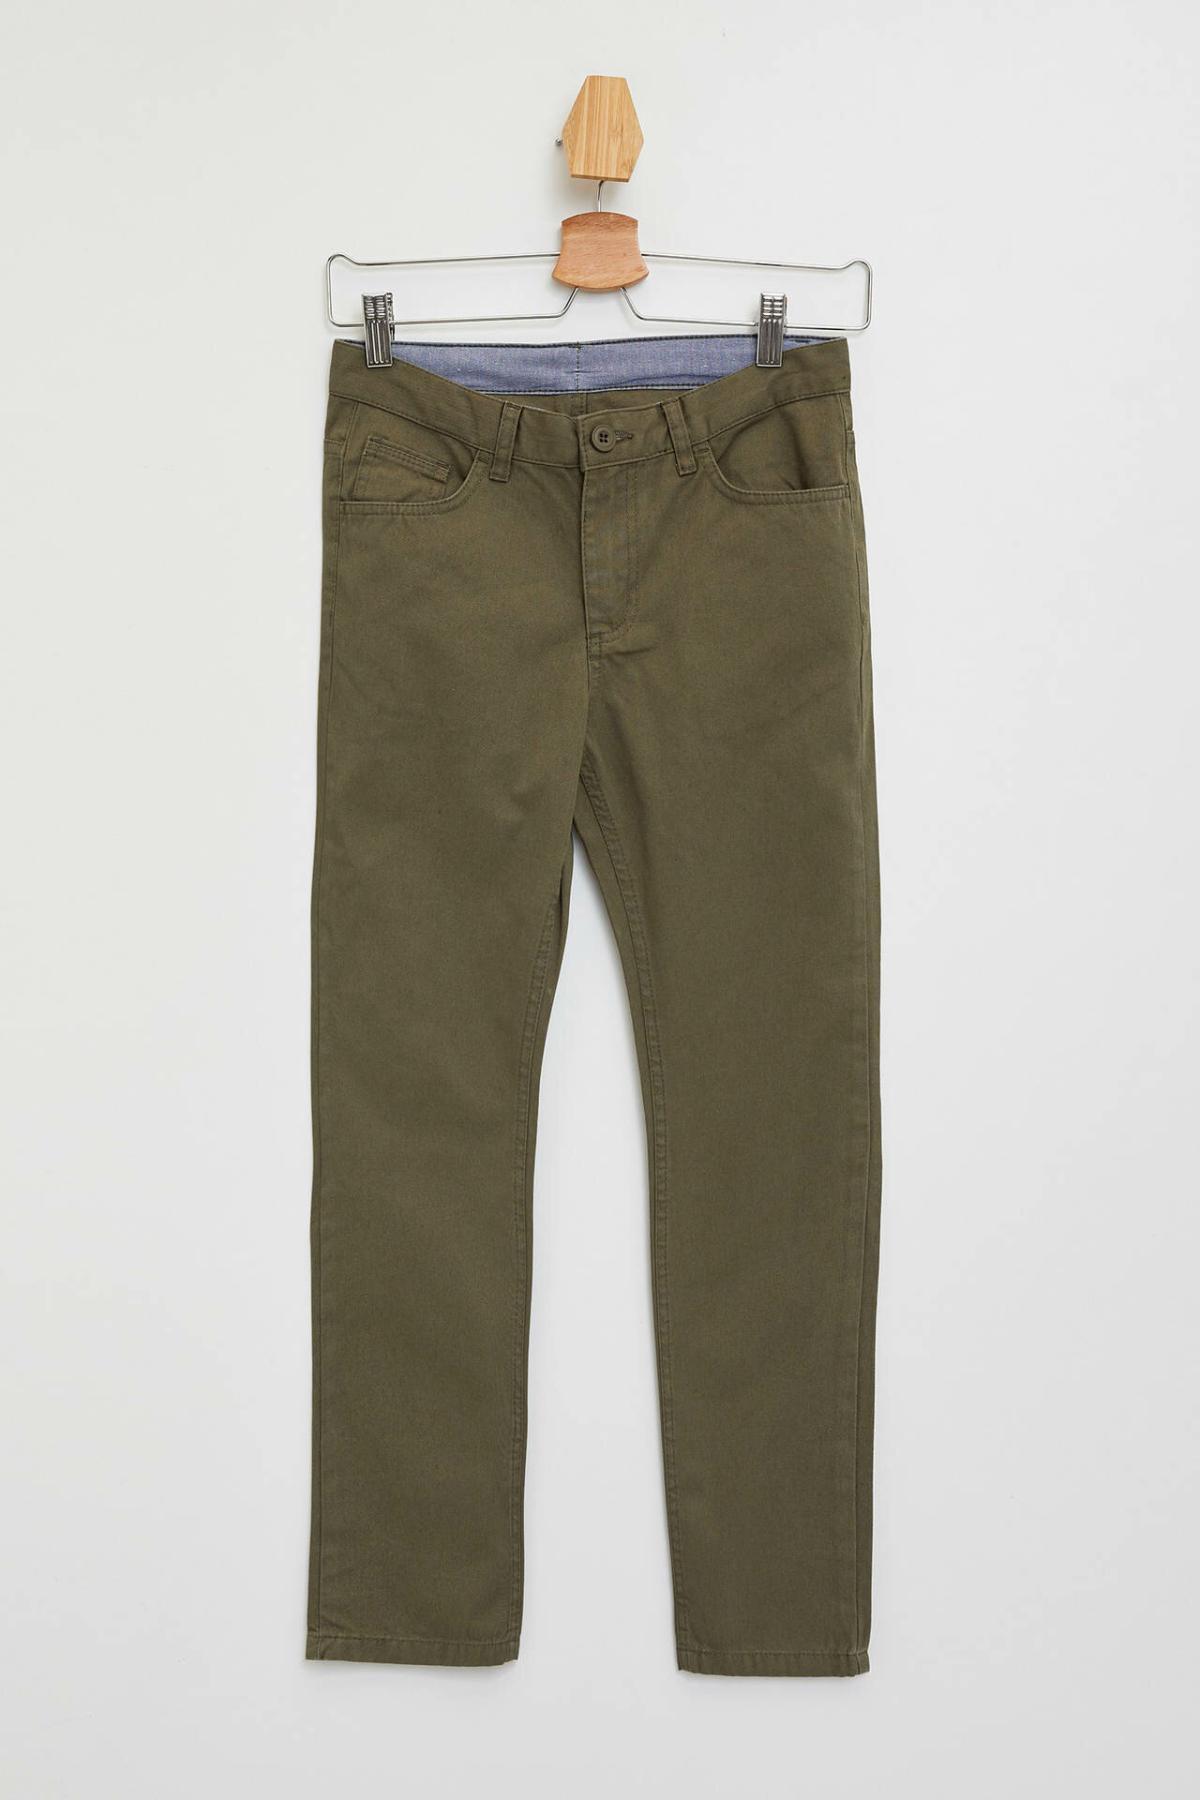 DeFacto Boy Autumn Solid Color Long Pants Boys Casual Mid-waist Bottoms Kids Fit Slim Trousers-K6811A619AU